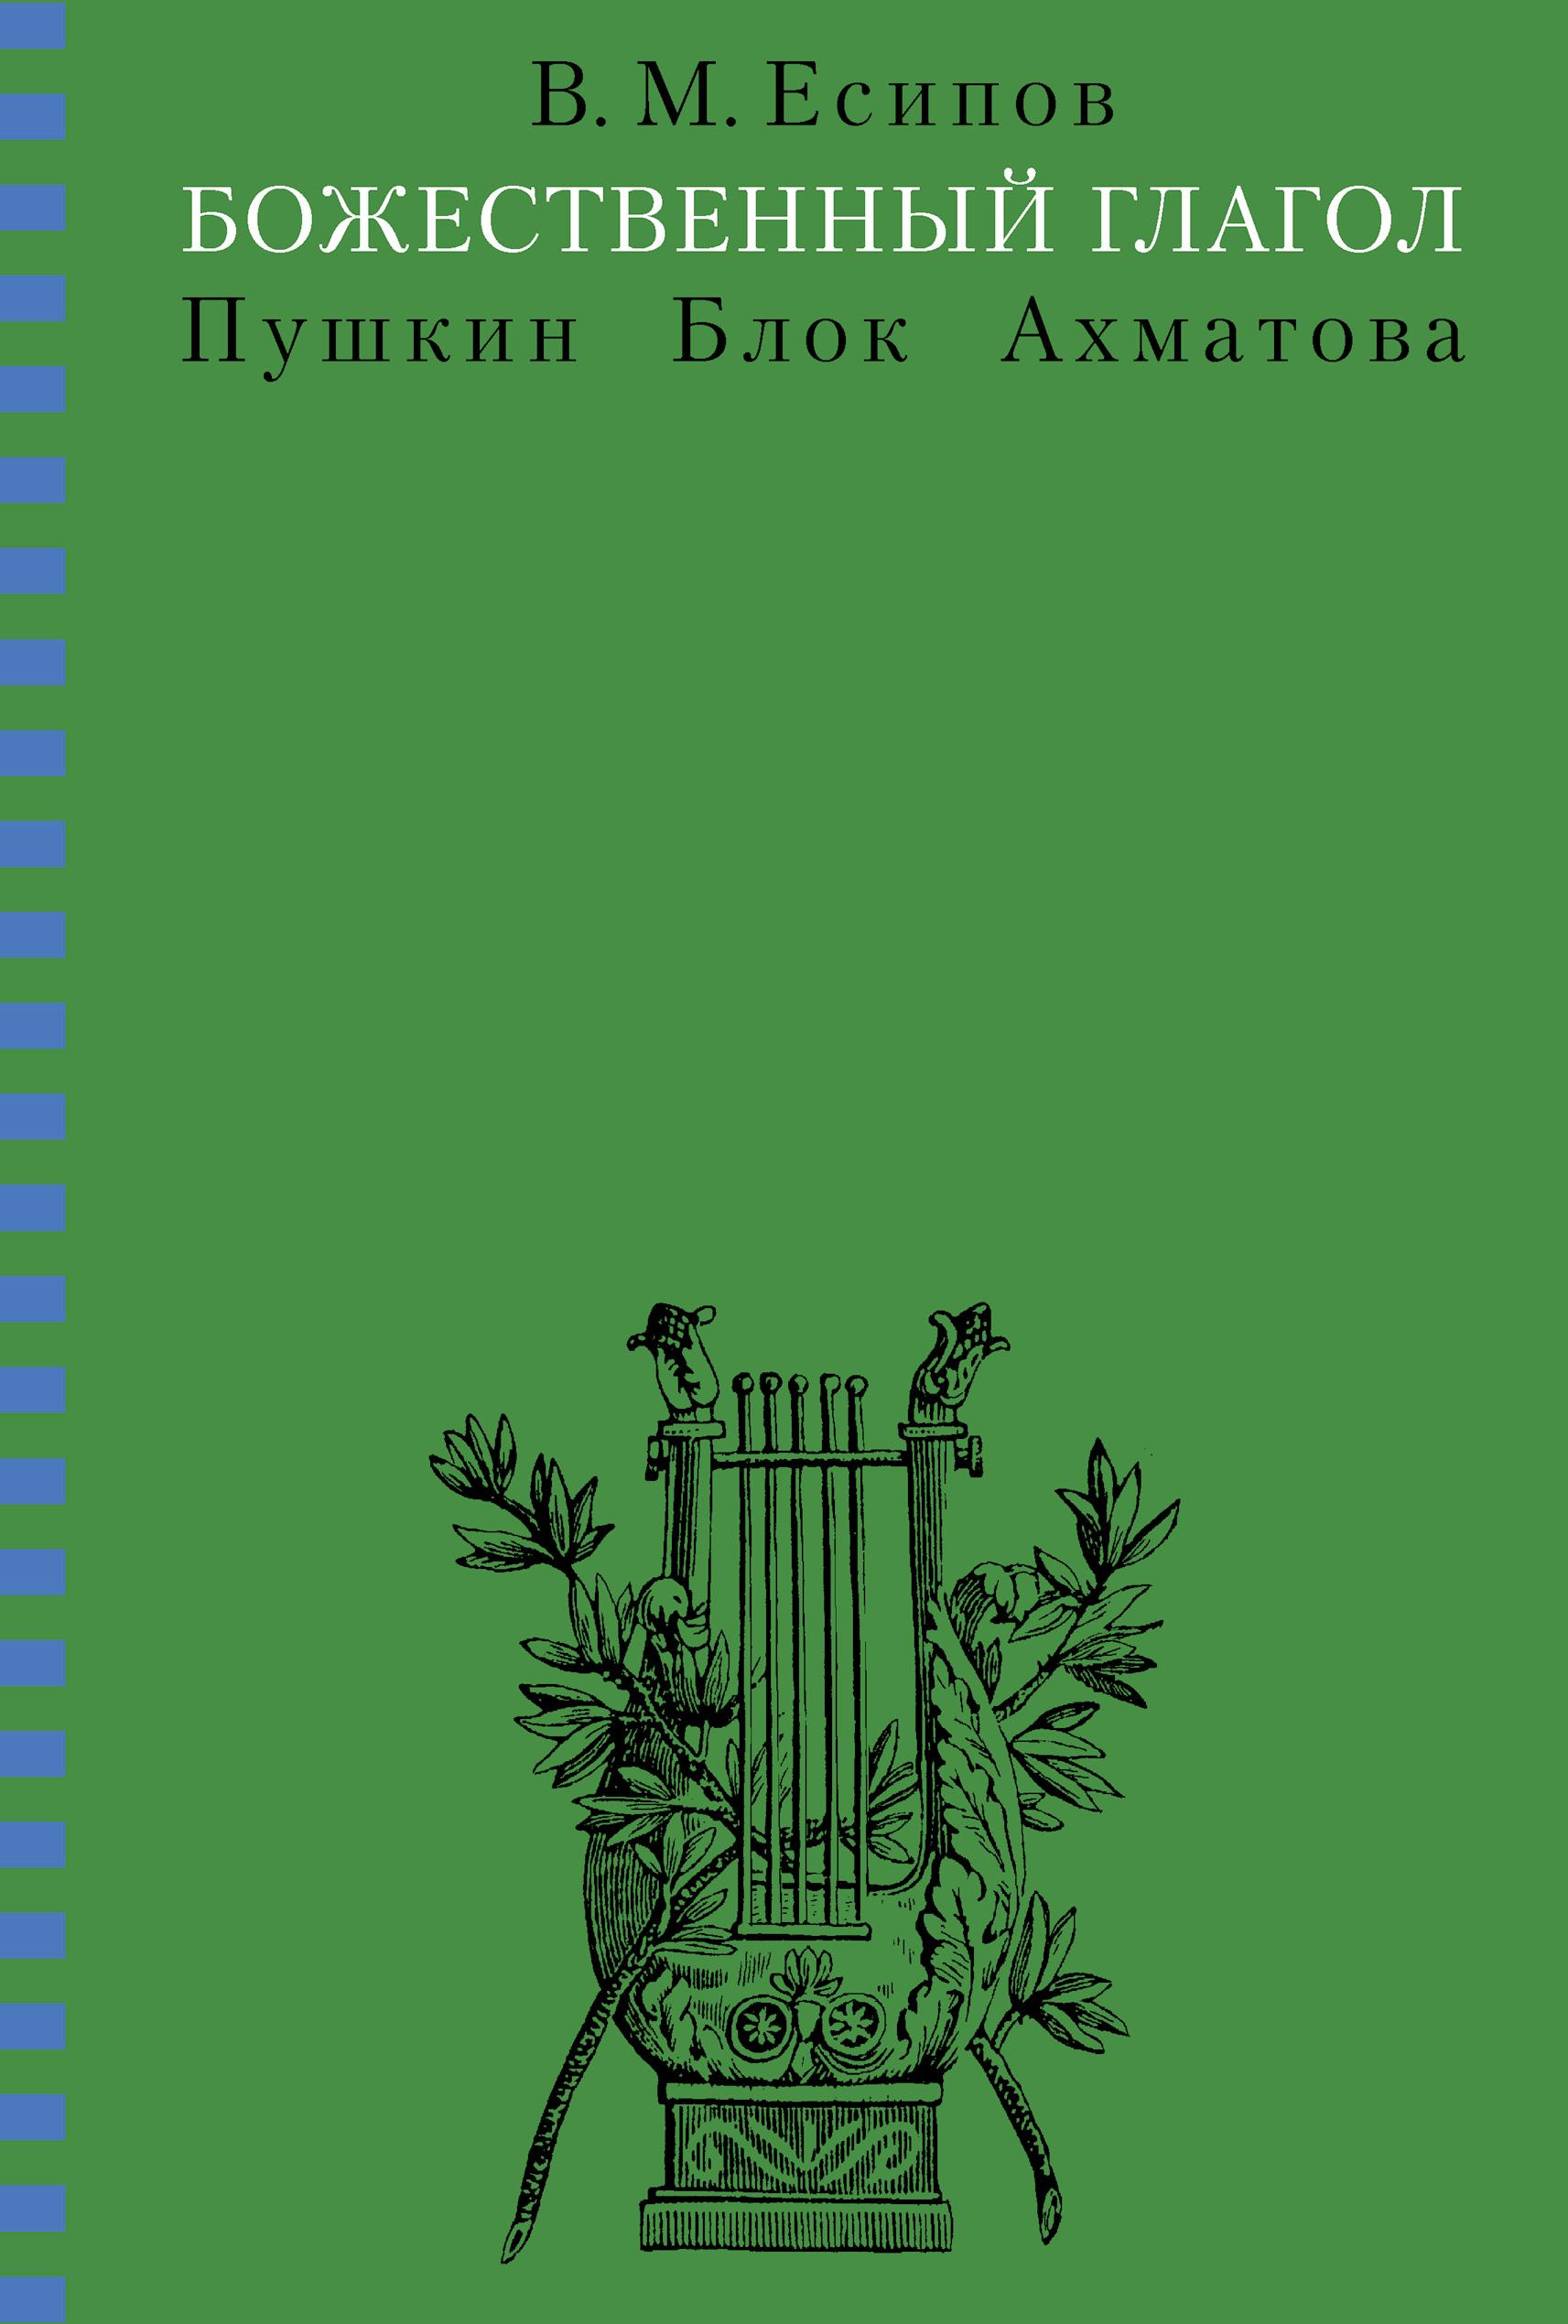 Виктор Есипов Божественный глагол (Пушкин, Блок, Ахматова) е г эткинд божественный глагол пушкин прочитанный в россии и во франции isbn 5 7859 0090 4